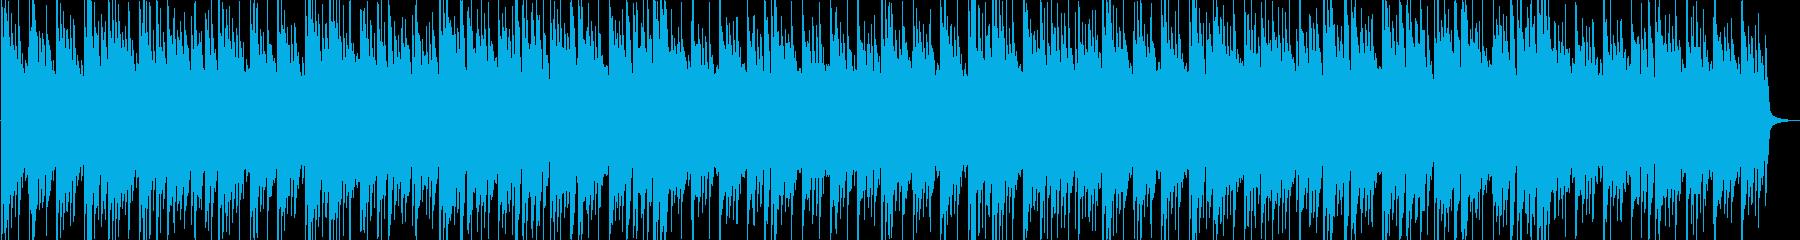 秋の穏やかさを出したシンプルなアコギの再生済みの波形